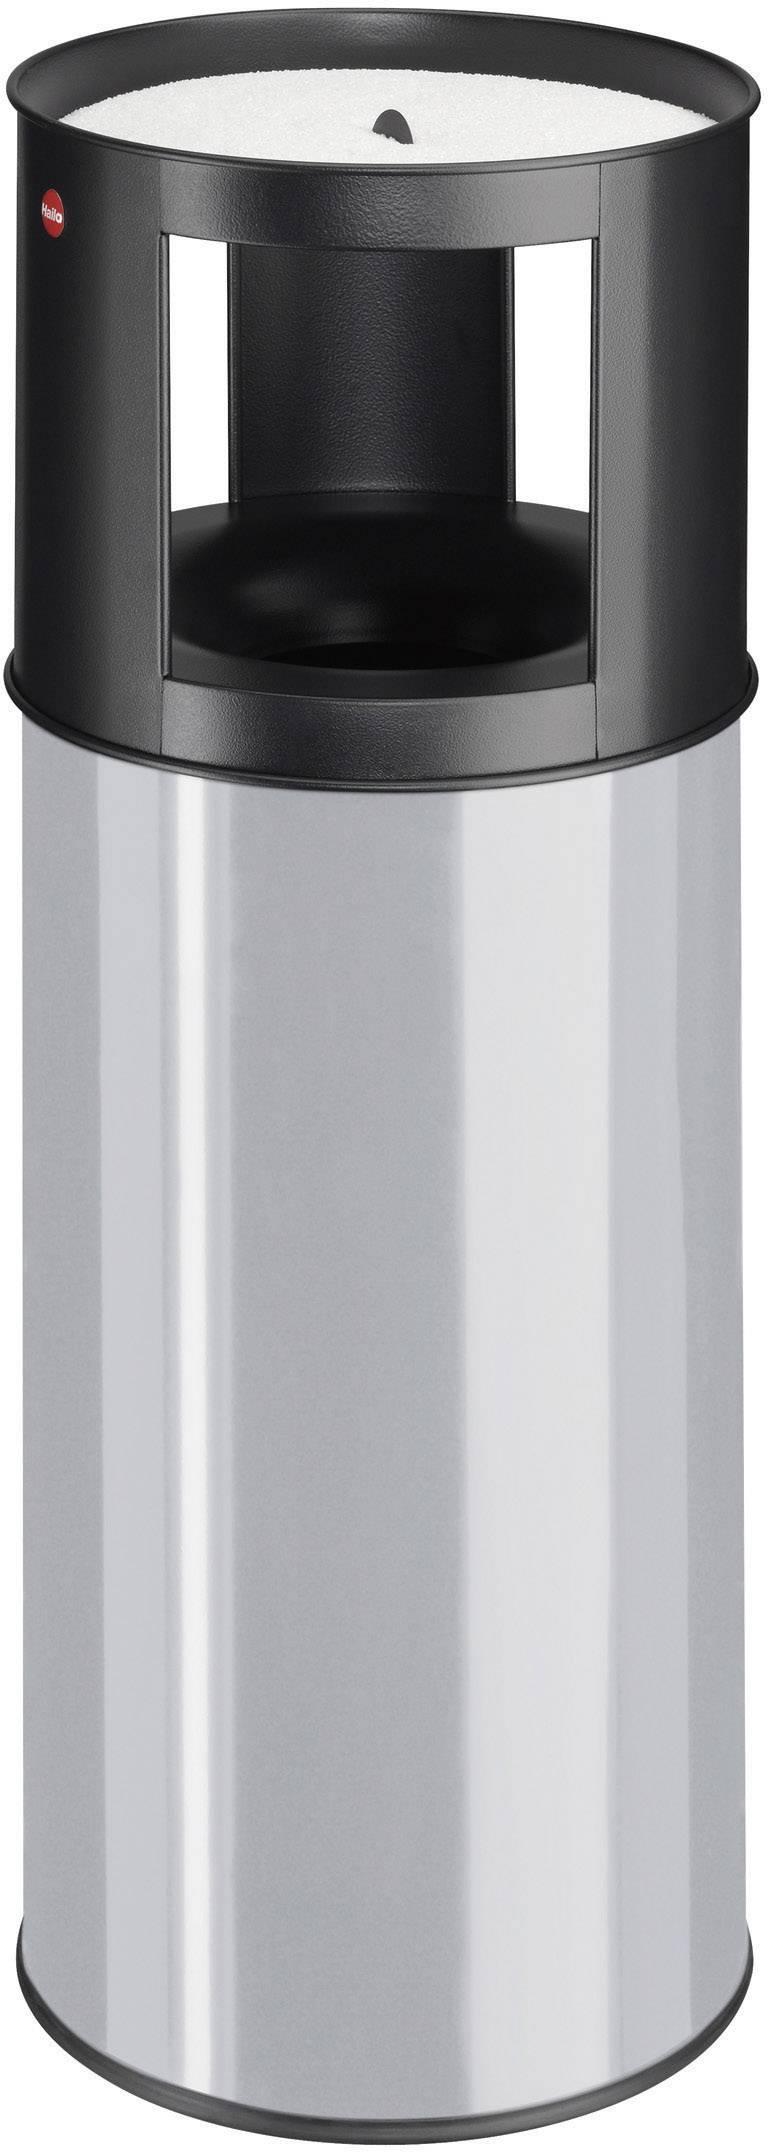 N/A s popelníkem Hailo ProfiLine care XL, 800 mm, Vnější Ø 330 mm, 40 l, stříbrnošedá